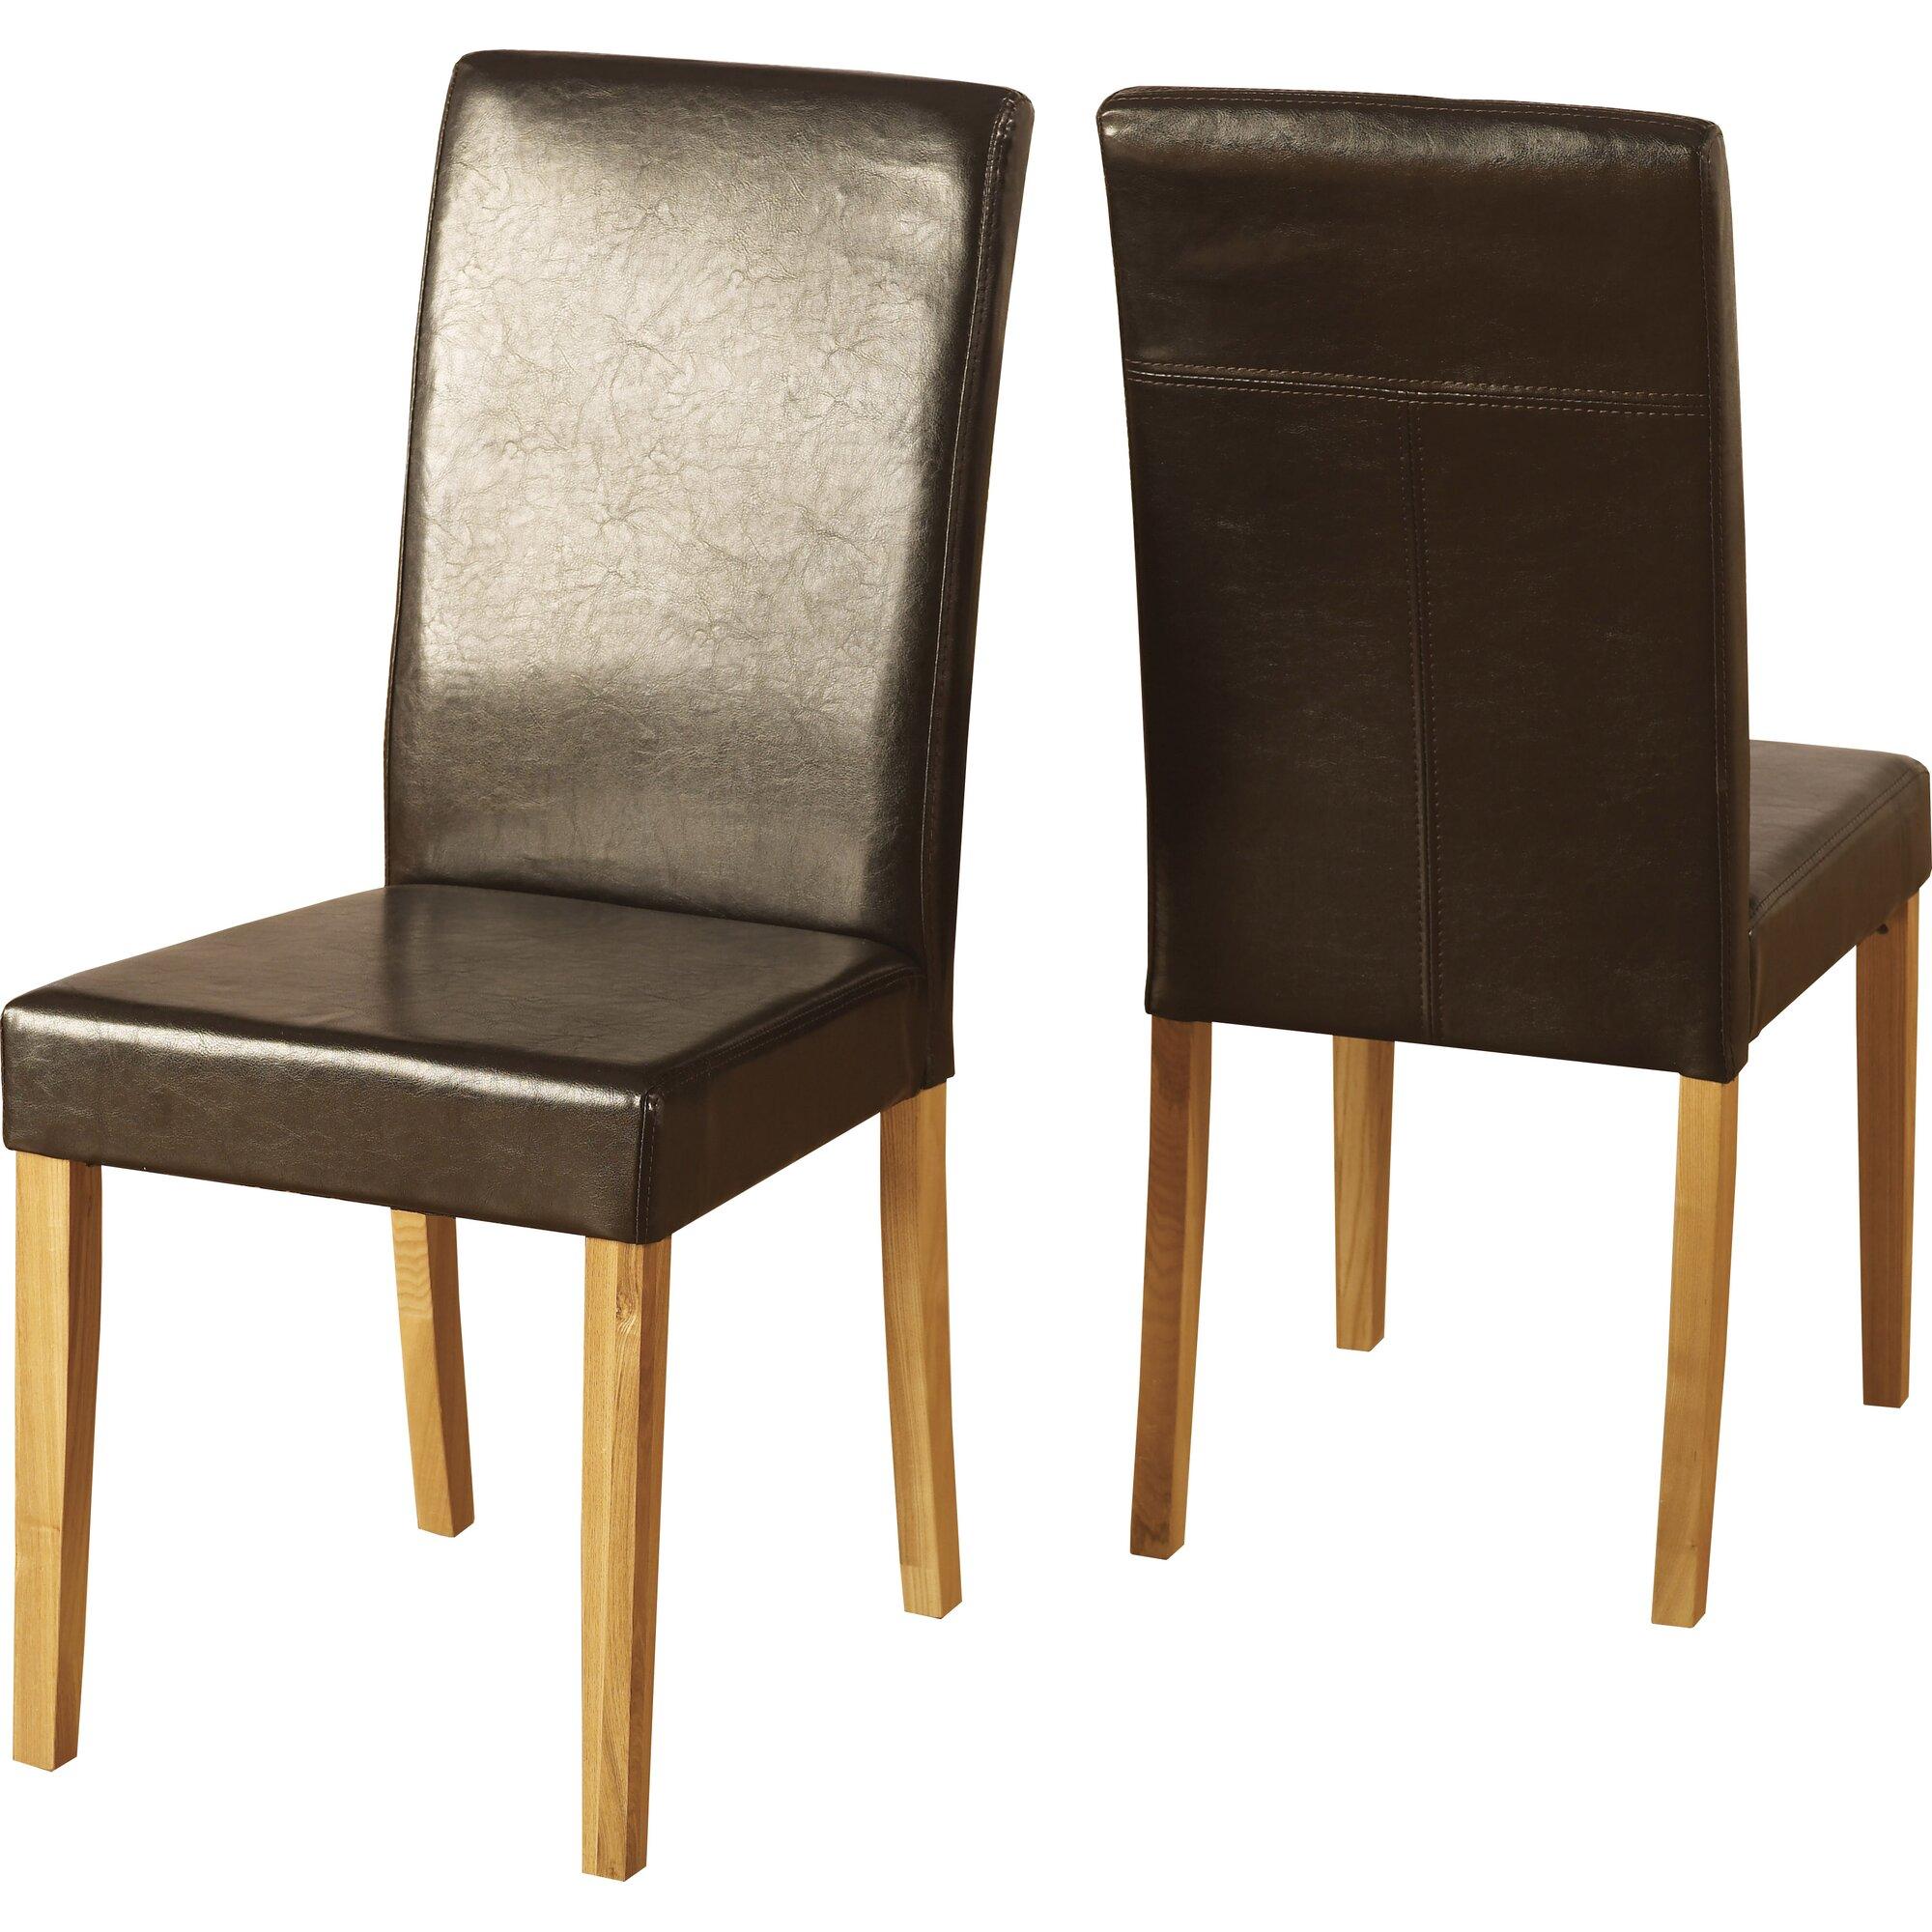 m hlenhaus essgruppe delaney mit 6 st hlen bewertungen wayfair. Black Bedroom Furniture Sets. Home Design Ideas